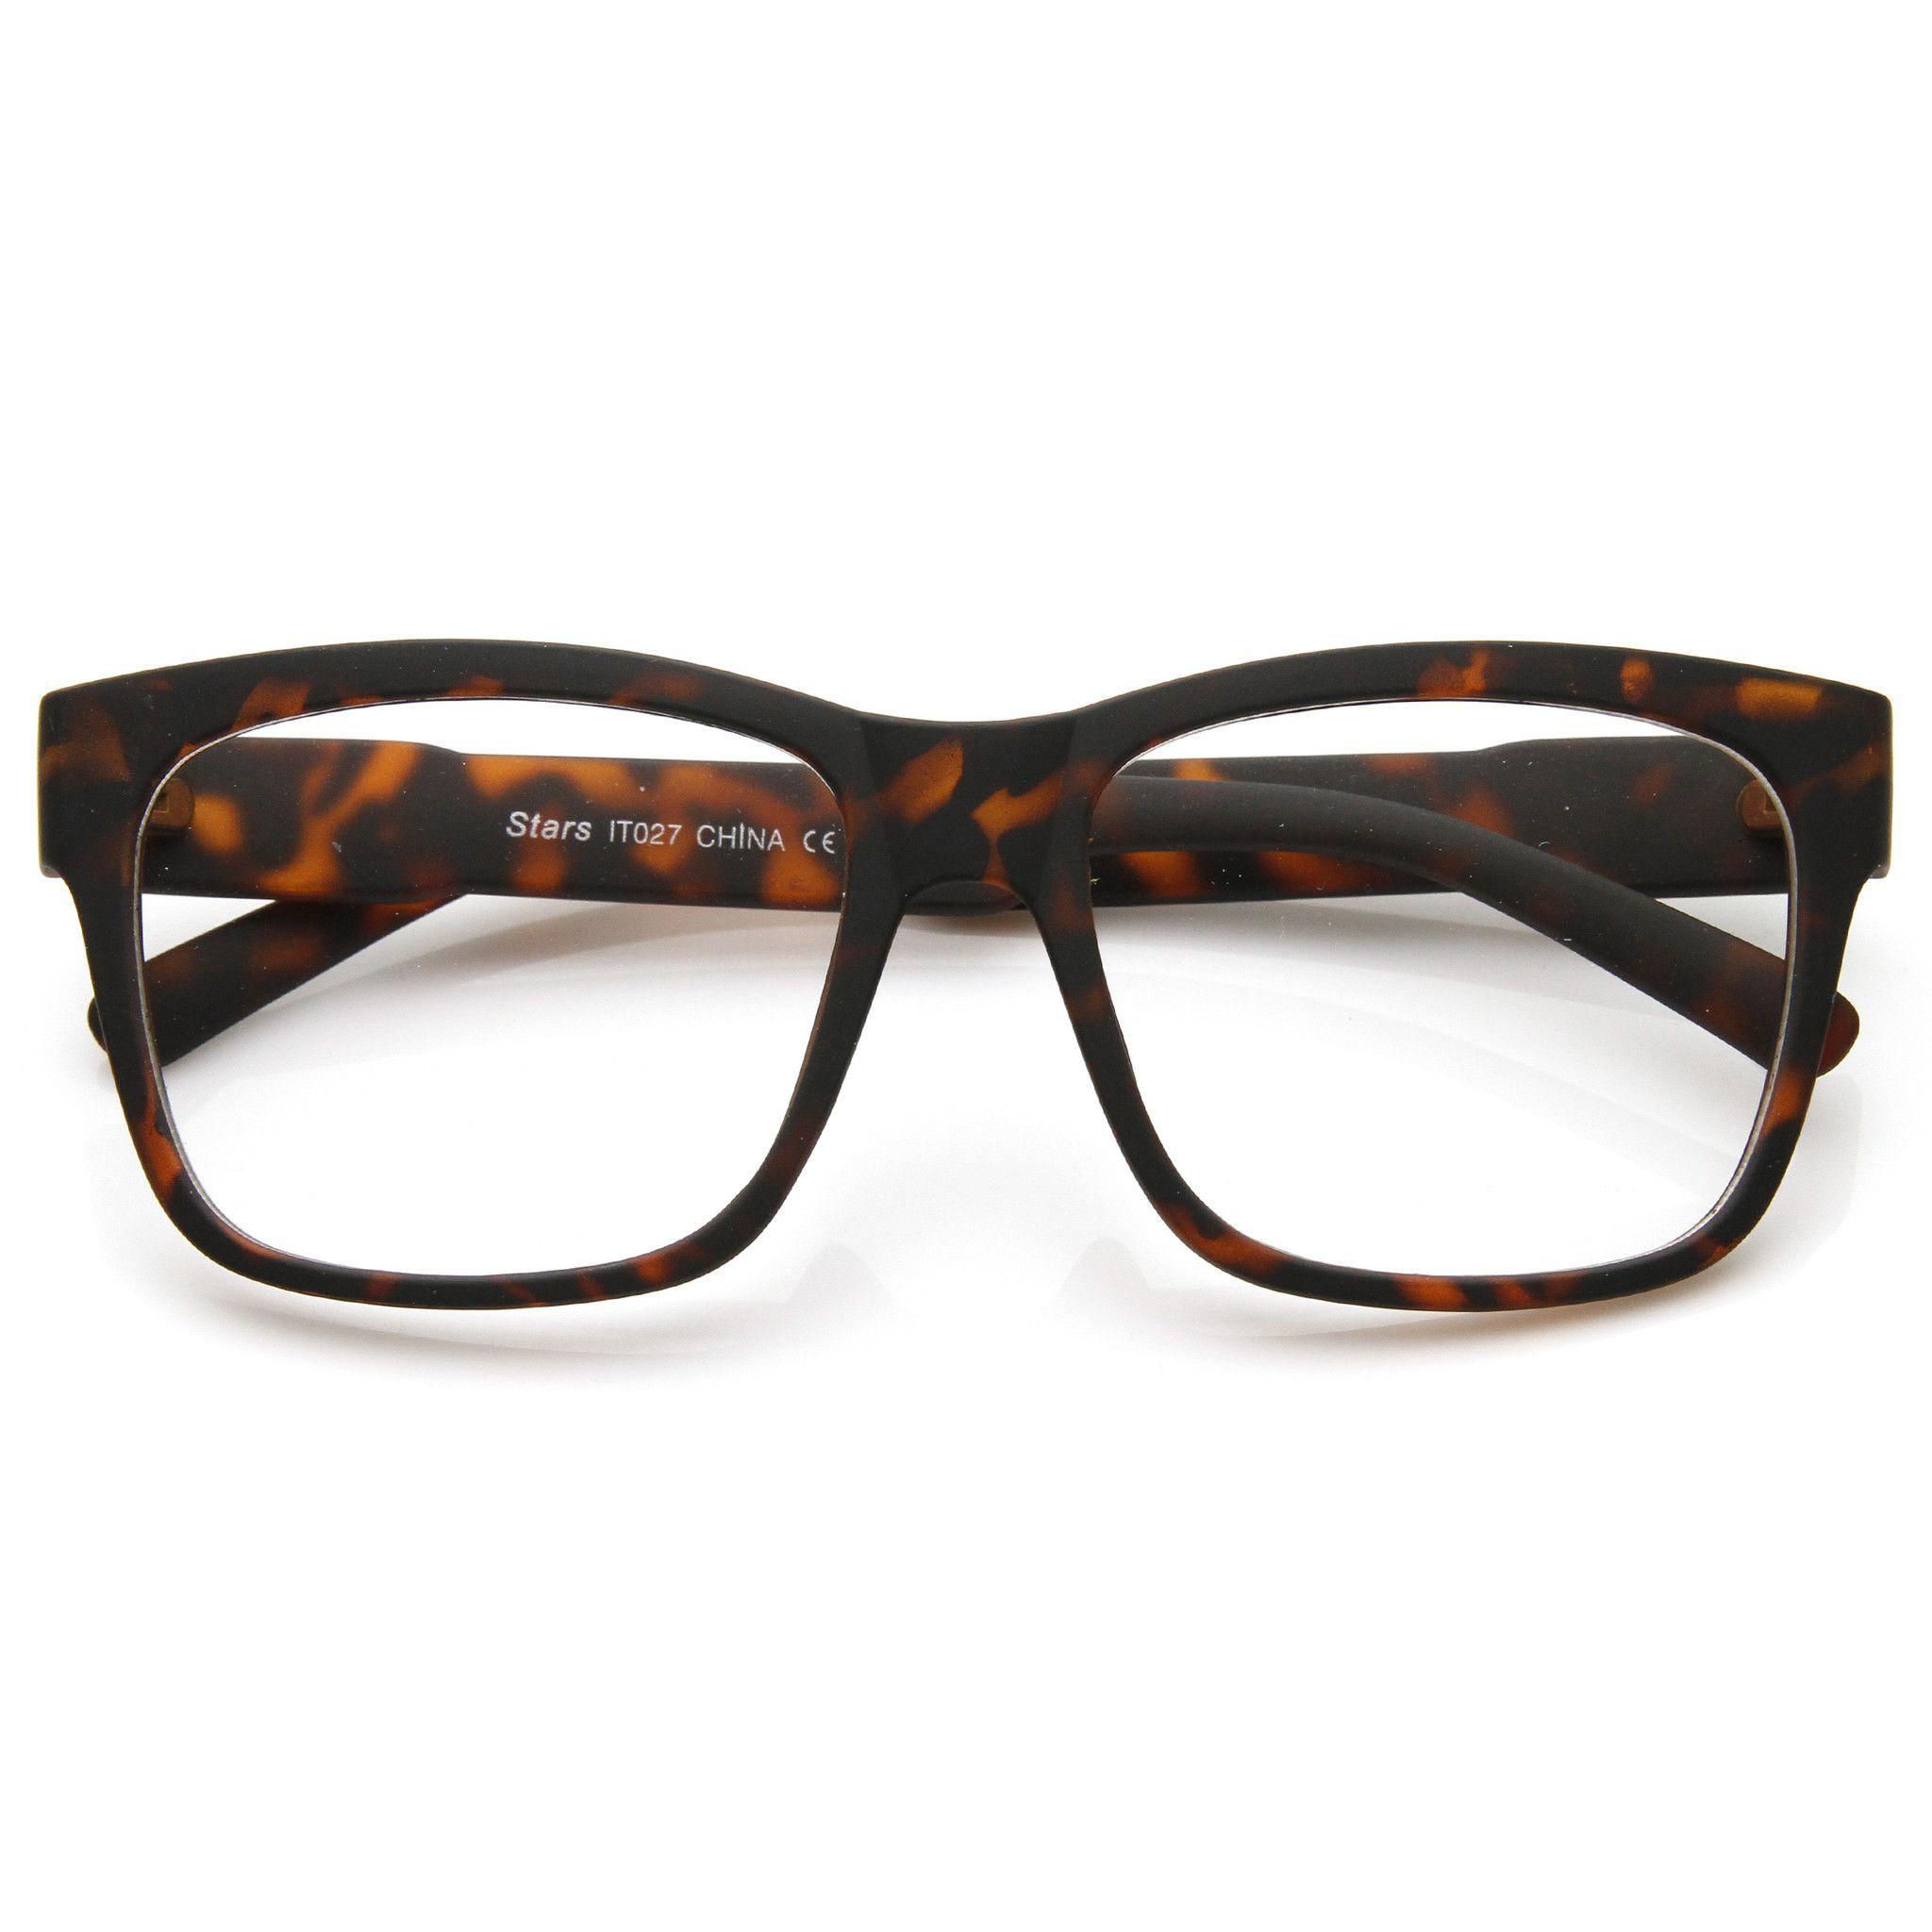 1d73b068c7 Large Retro Clear Lens Nerd Hipster Horned Rim Glasses 8789 from zeroUV